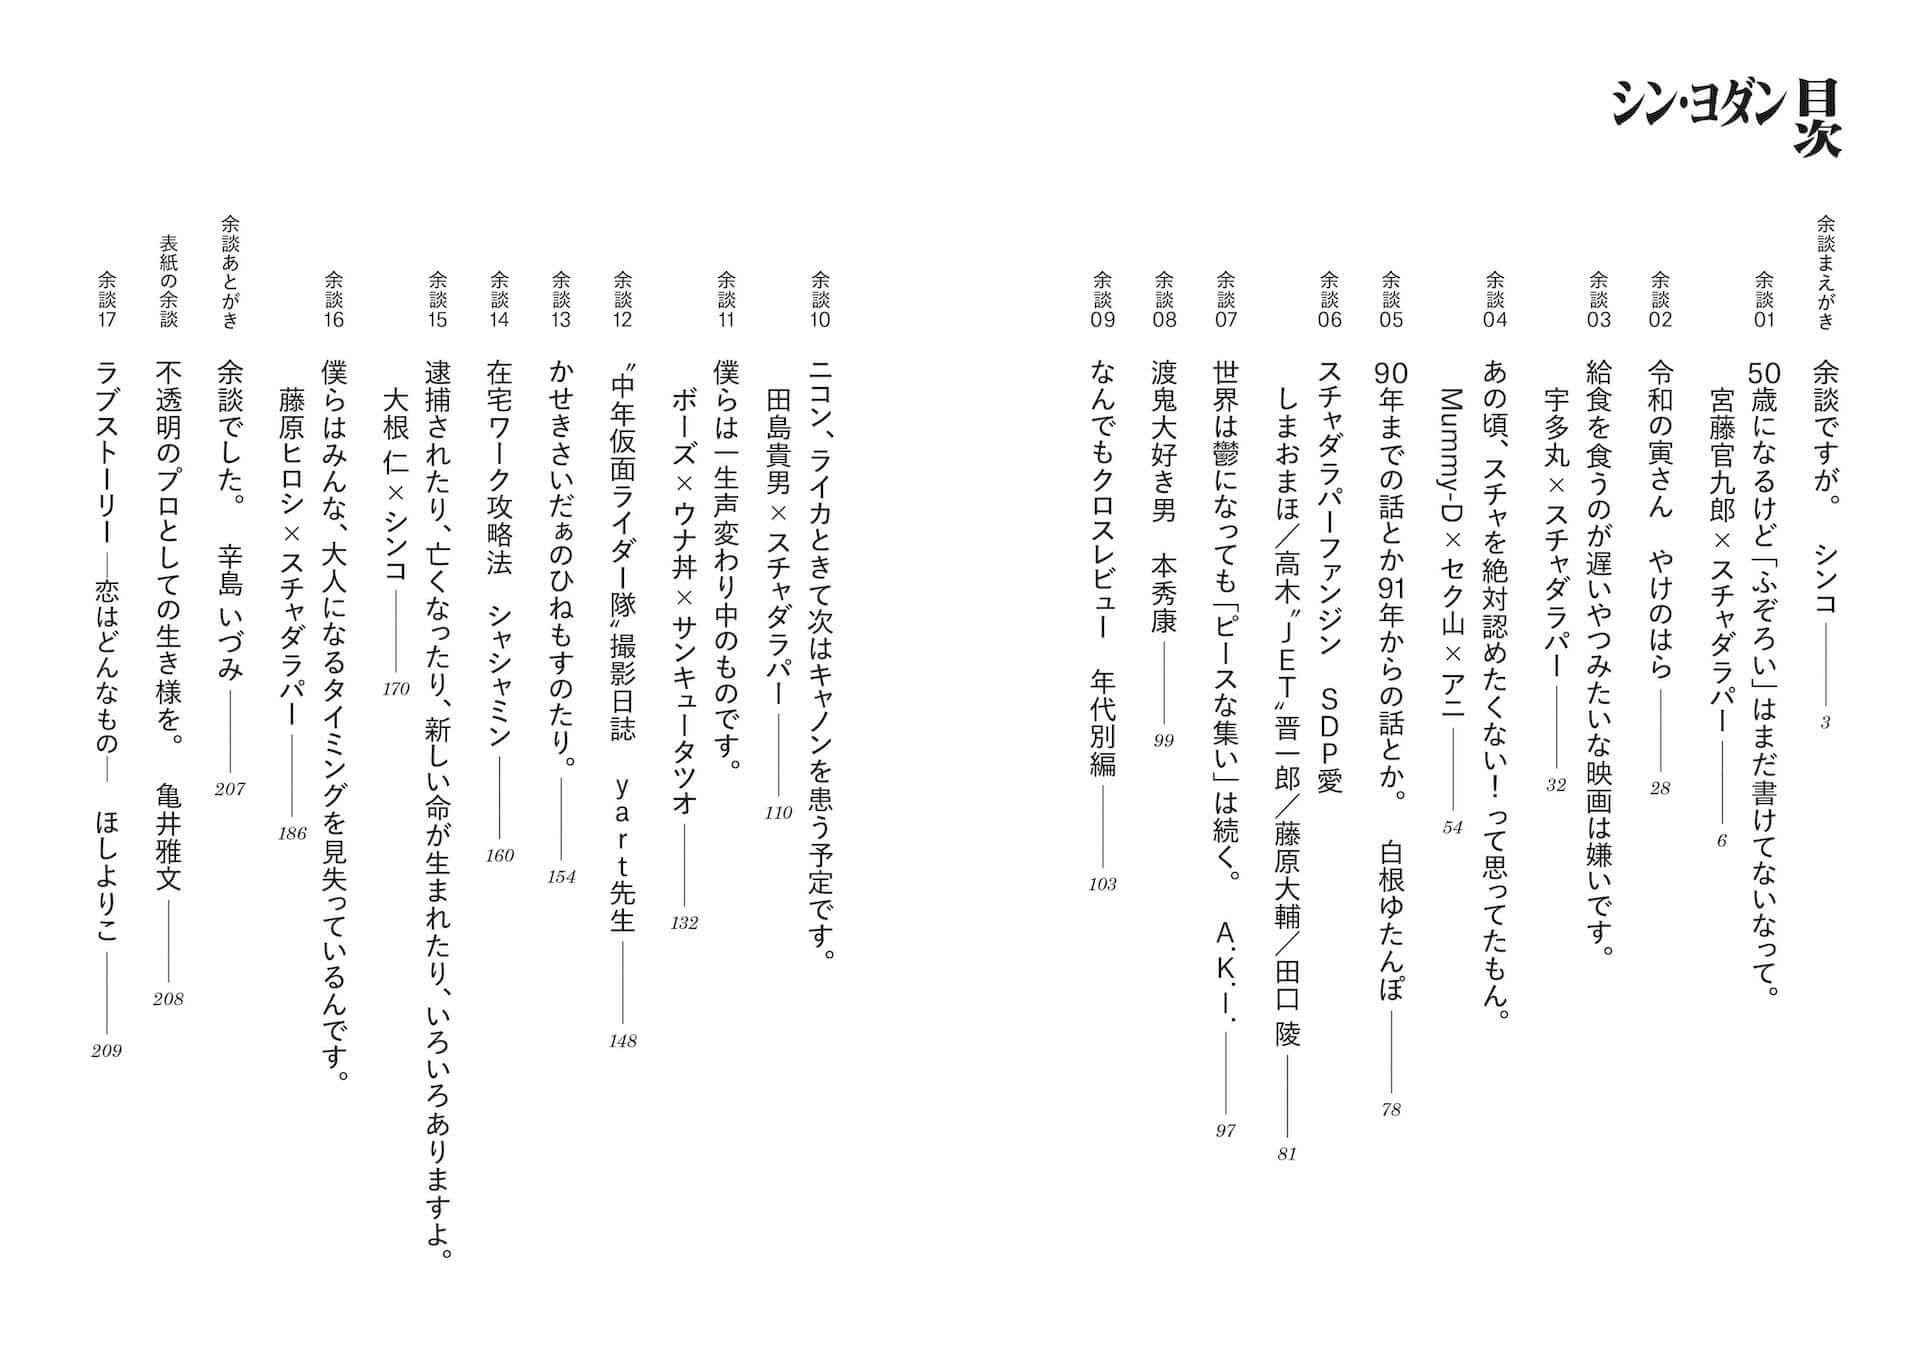 スチャダラパーが編集人を務める『余談 シン・ヨダン』最新号がオンラインにて発売!宮藤官九郎、宇多丸など豪華執筆陣が登場 ac200521_yodan_02-1920x1362